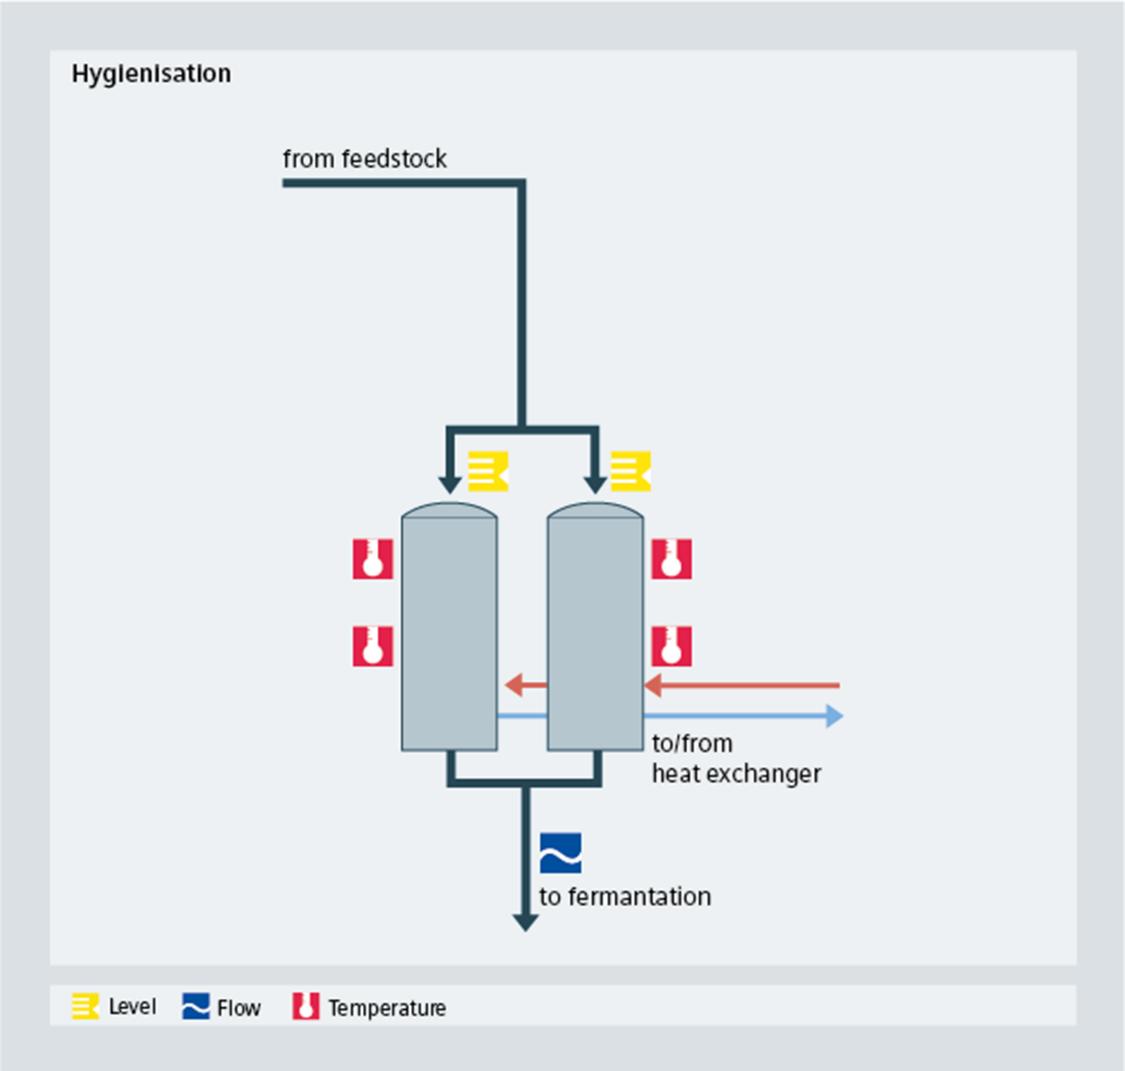 biogas hygienisation - Siemens USA